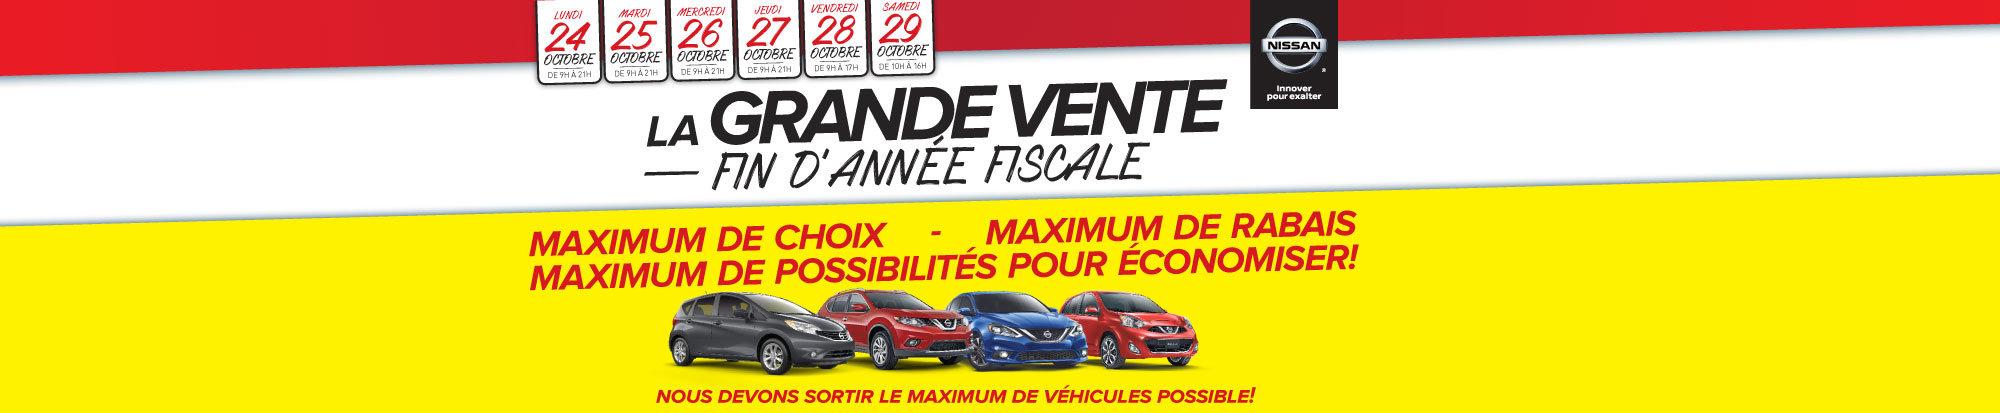 Vente de fin d'année fiscale chez Nissan